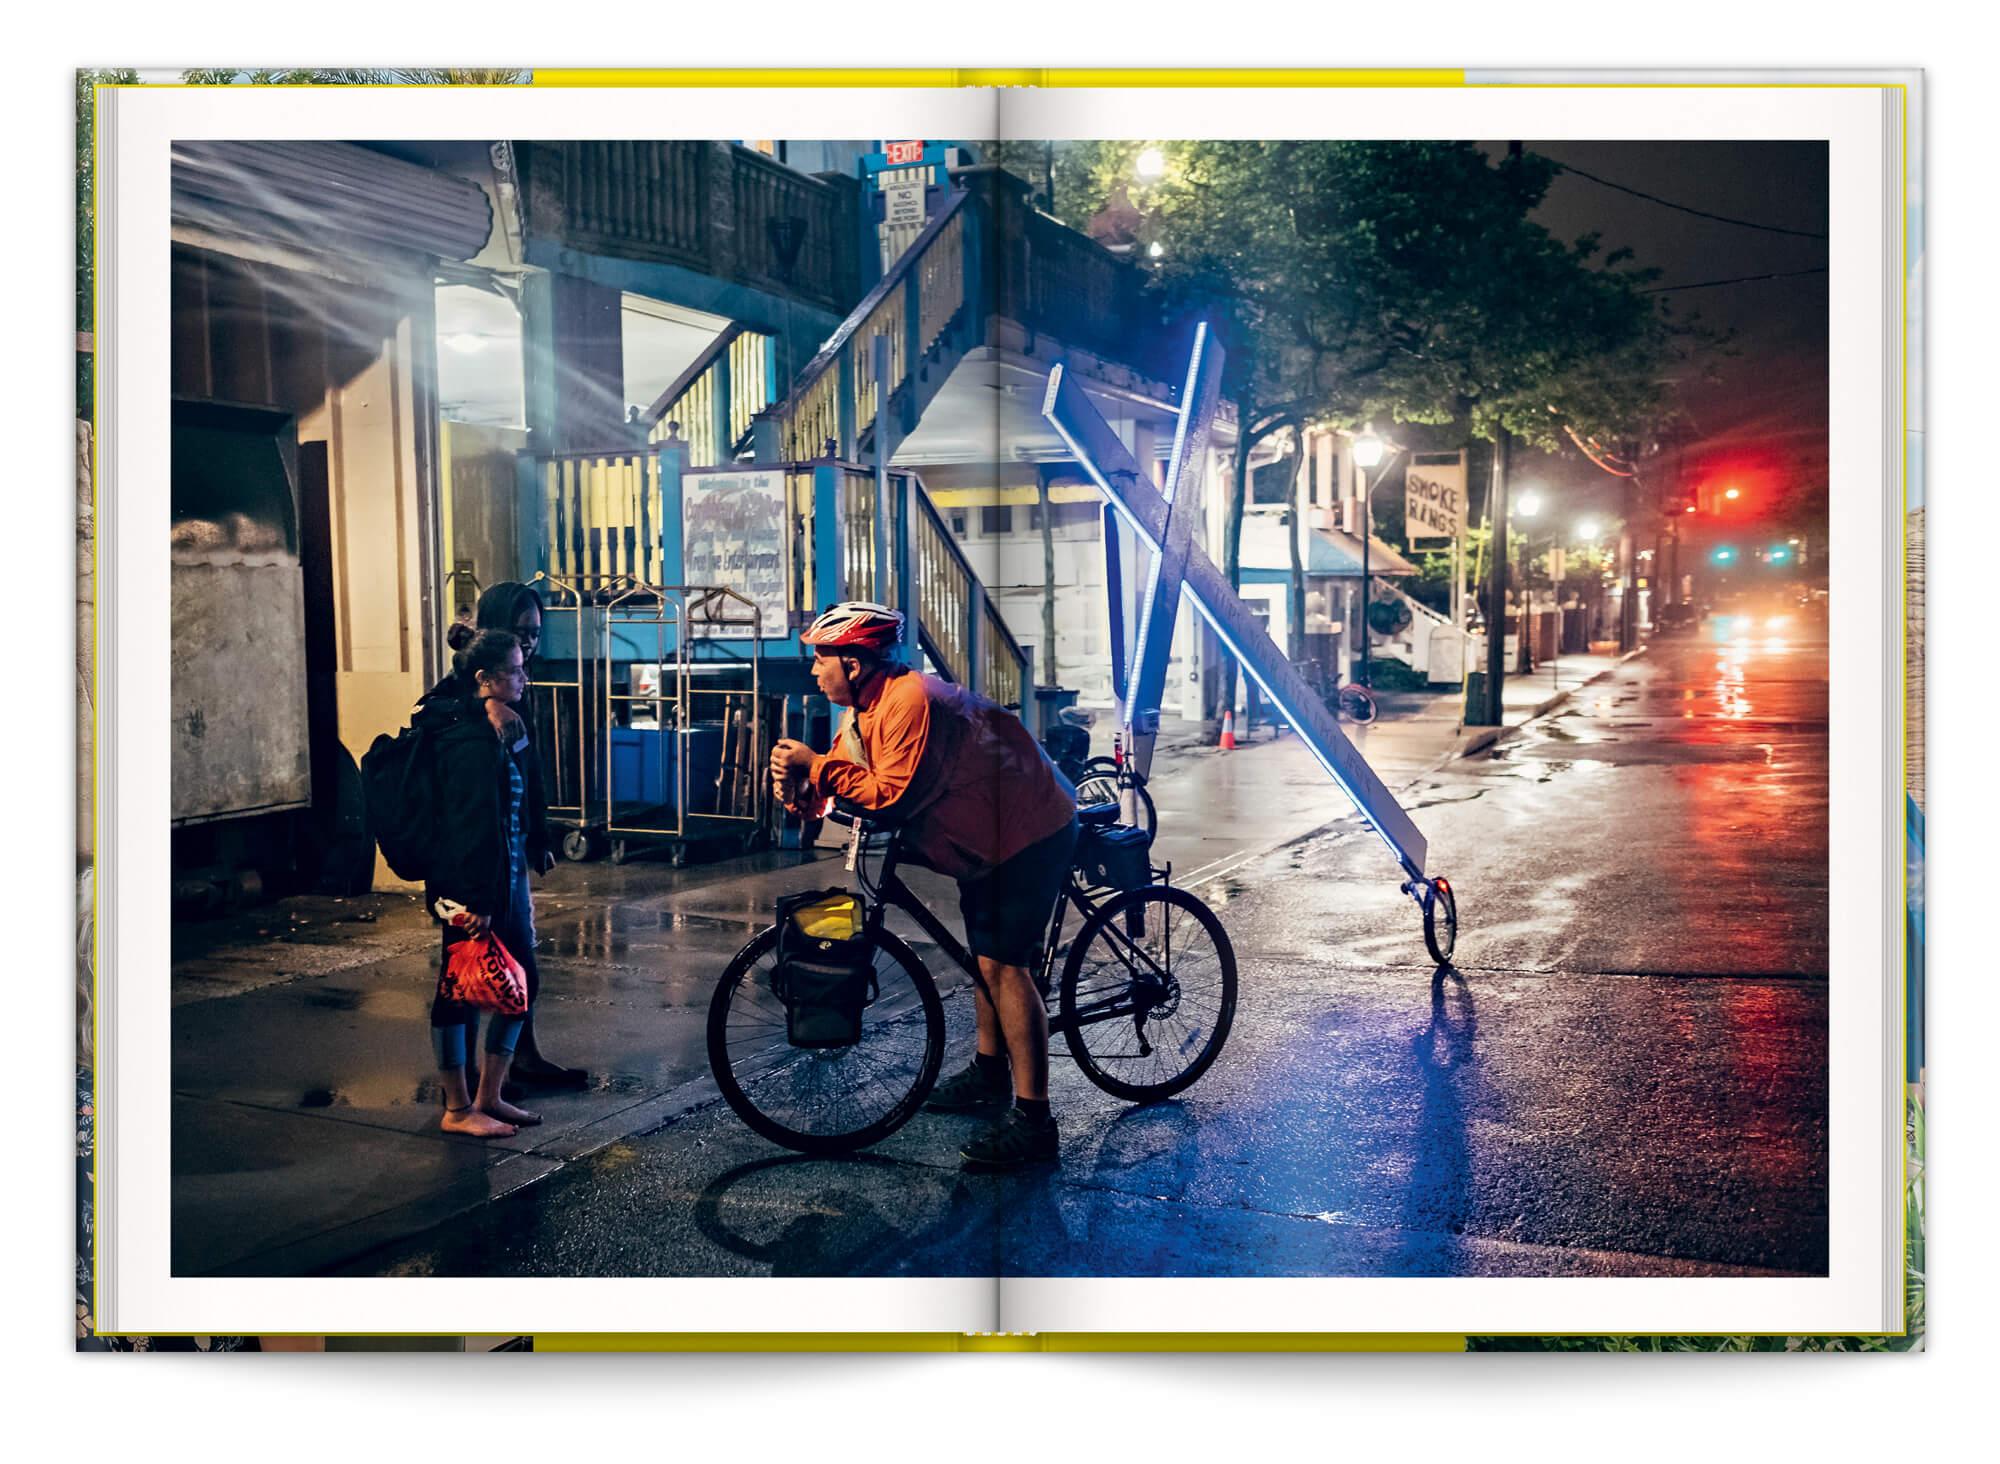 Photo du Cross Bike dans la nuit, issue de la serie du meme nom, edition Pyramyd et Revelatœr, design IchetKar